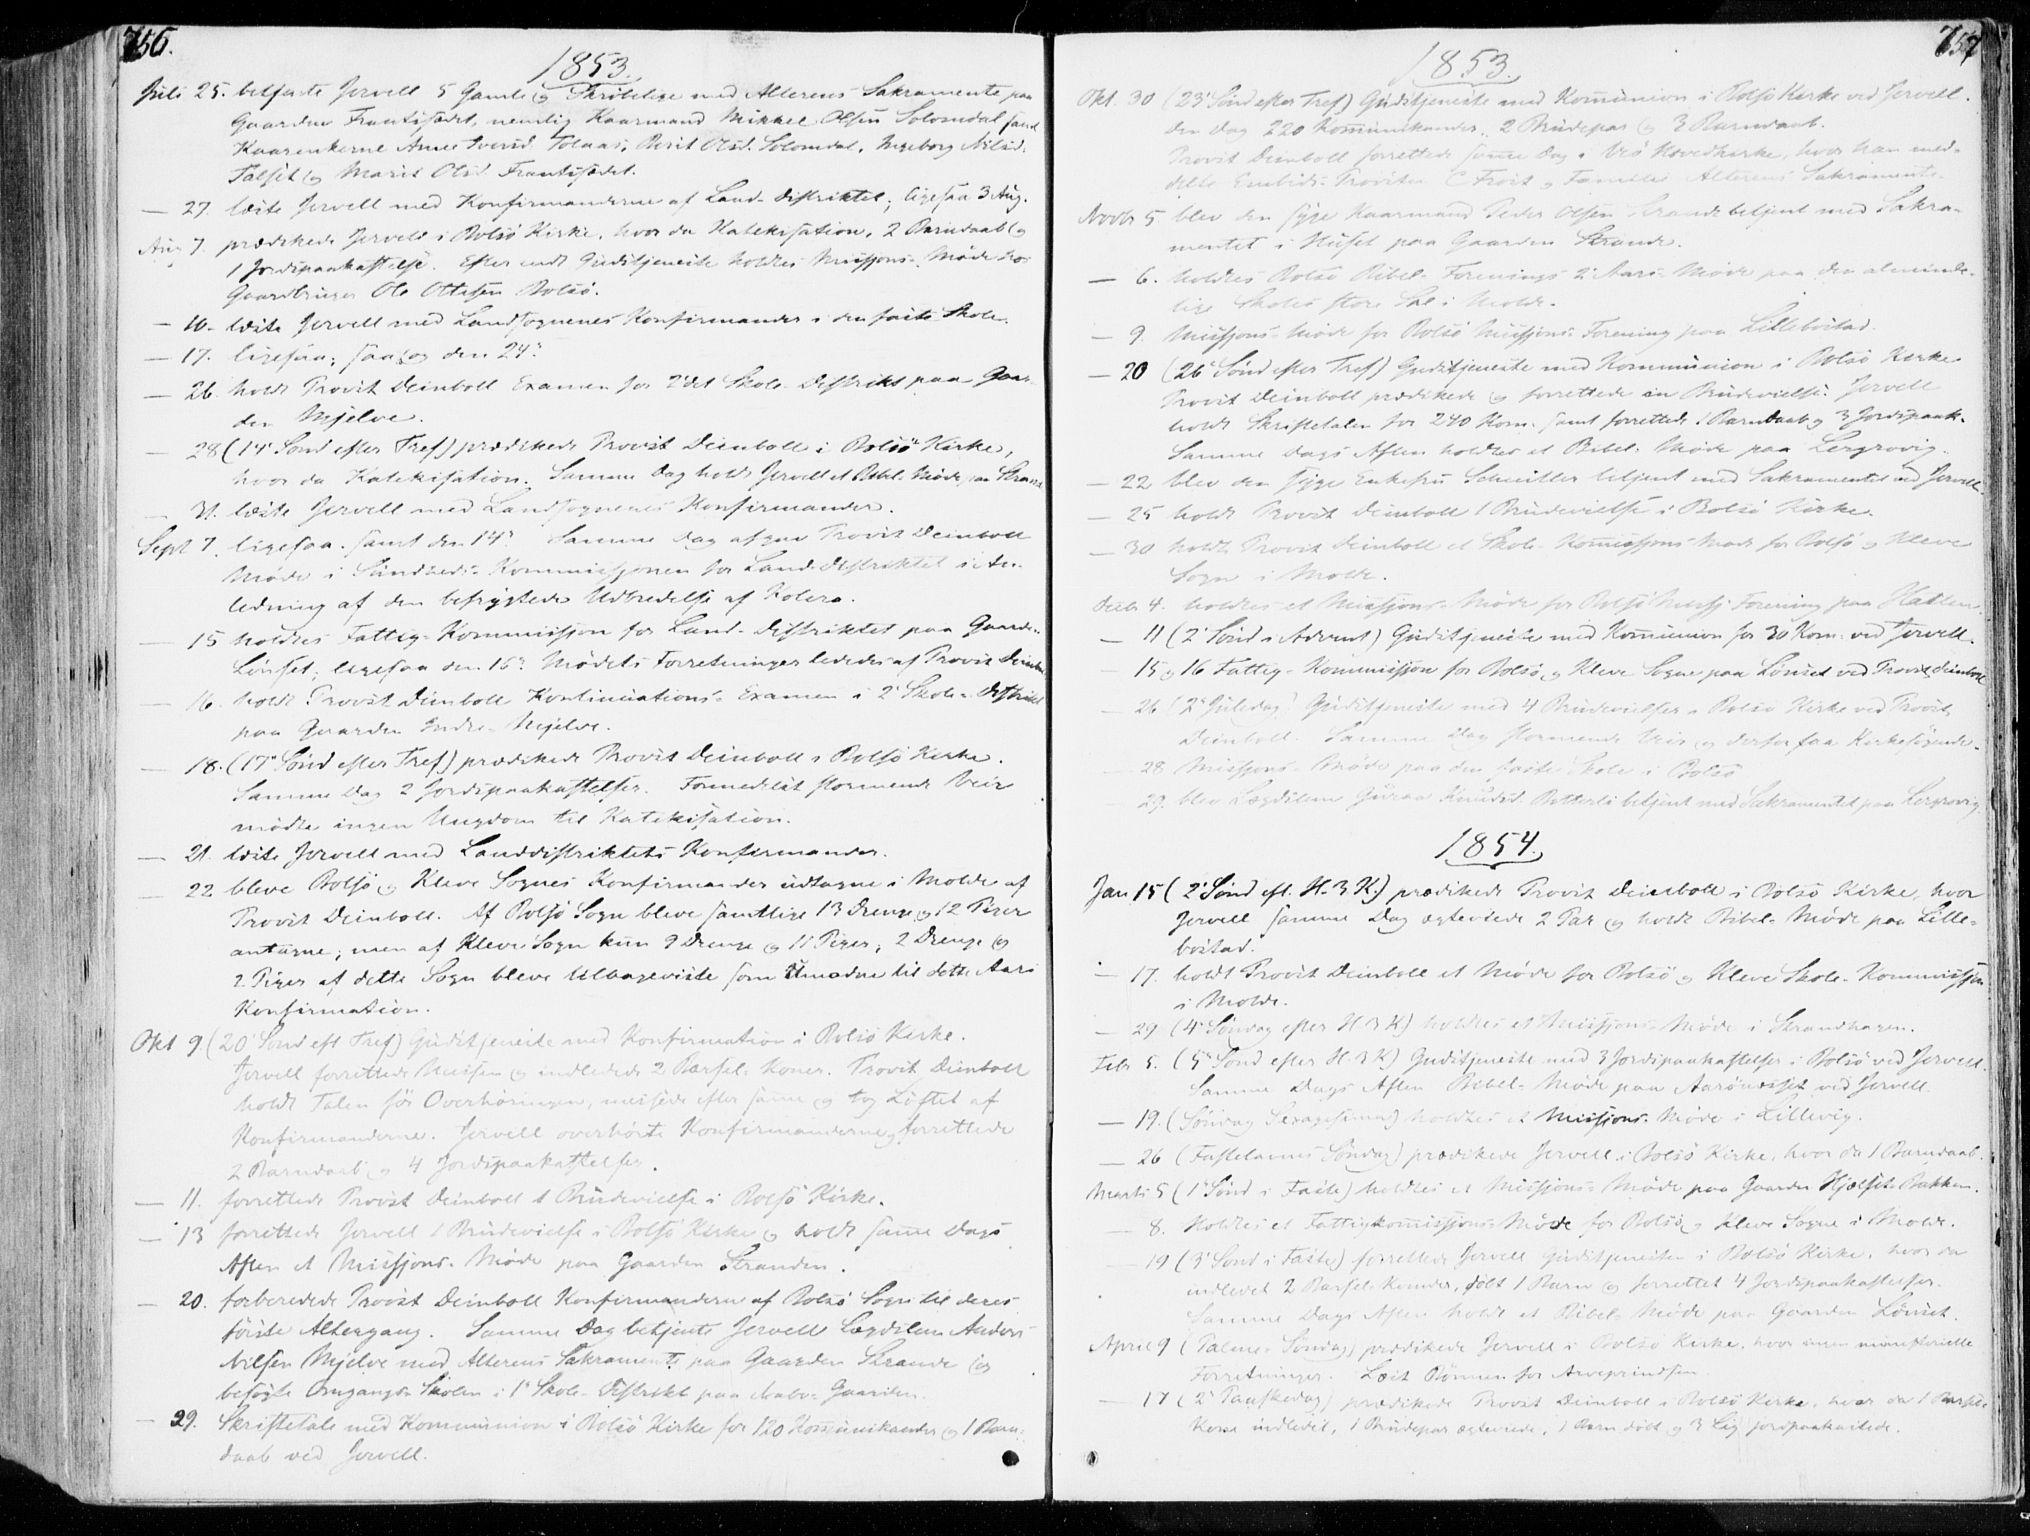 SAT, Ministerialprotokoller, klokkerbøker og fødselsregistre - Møre og Romsdal, 555/L0653: Ministerialbok nr. 555A04, 1843-1869, s. 756-757